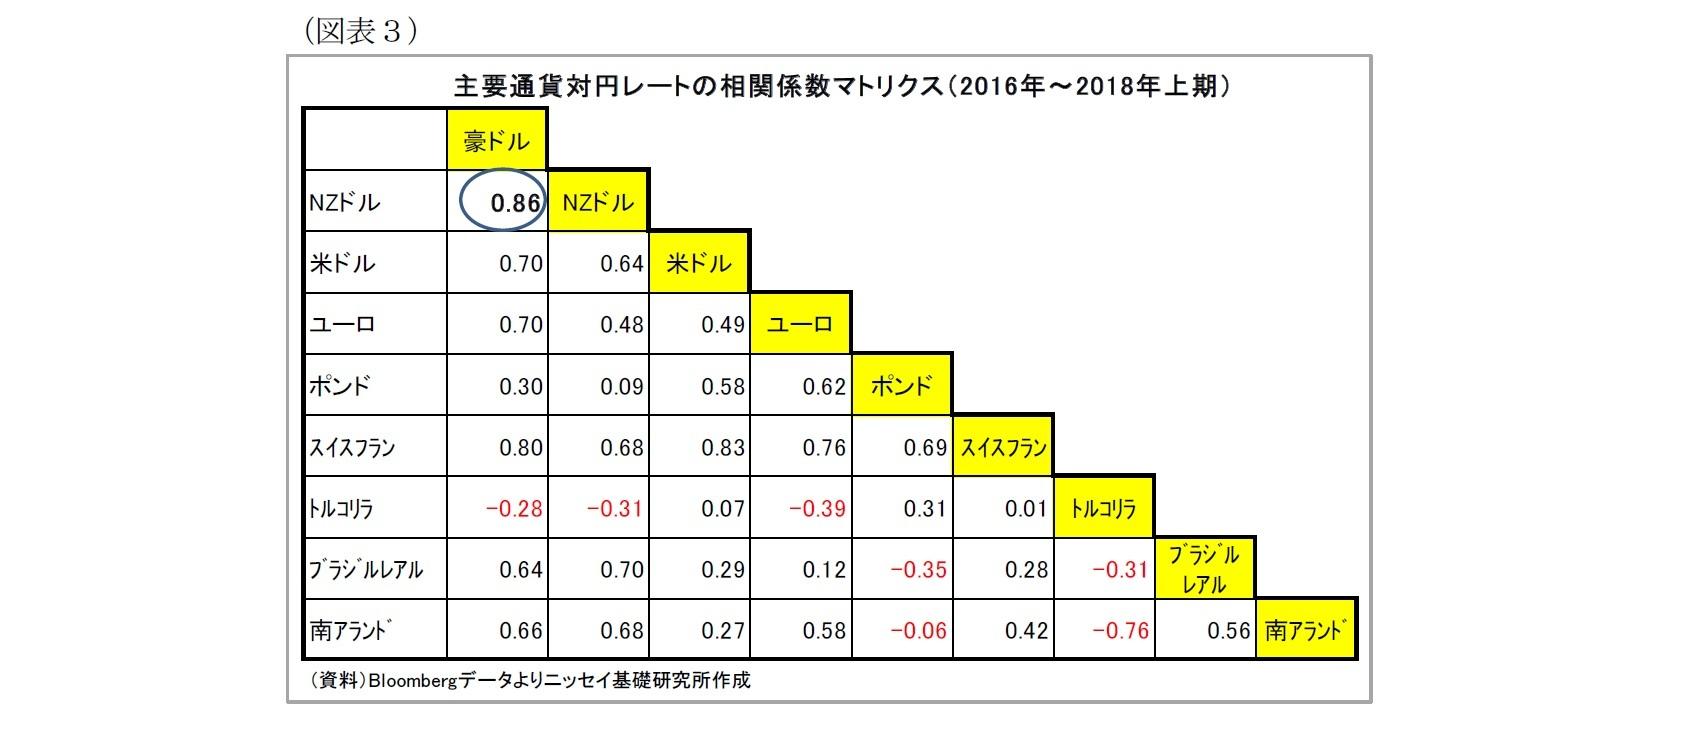 (図表3)主要通貨対円レートの相関係数マトリクス(2016年~2018年上期)